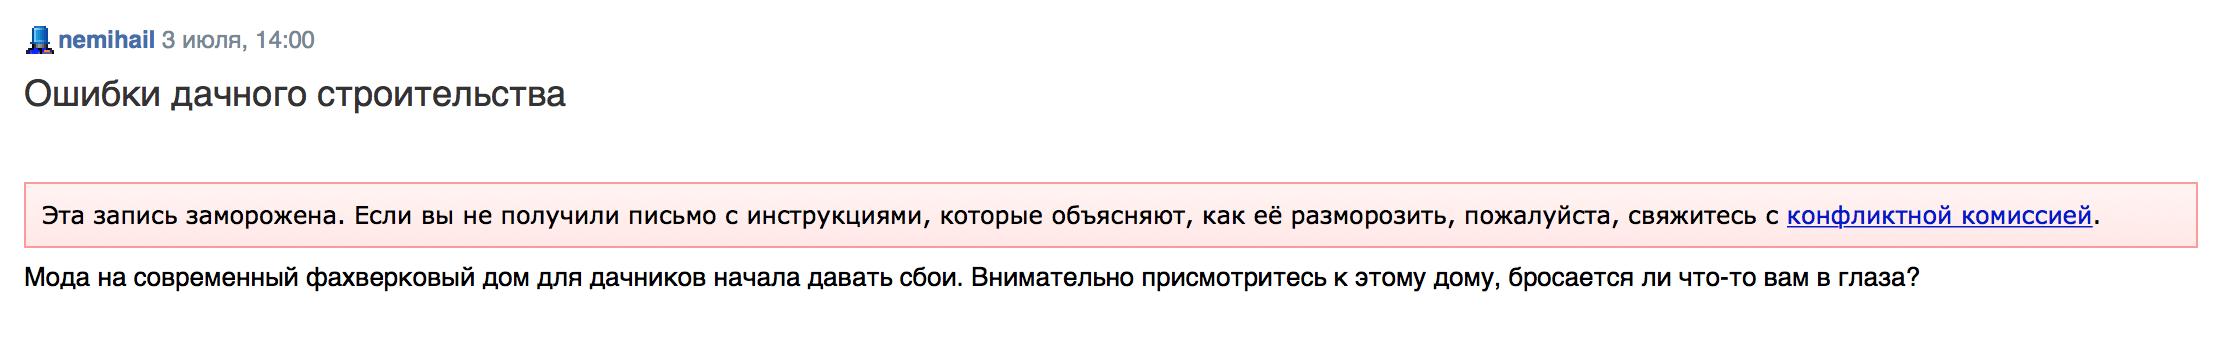 Сергей Домогацкий начал запугивать